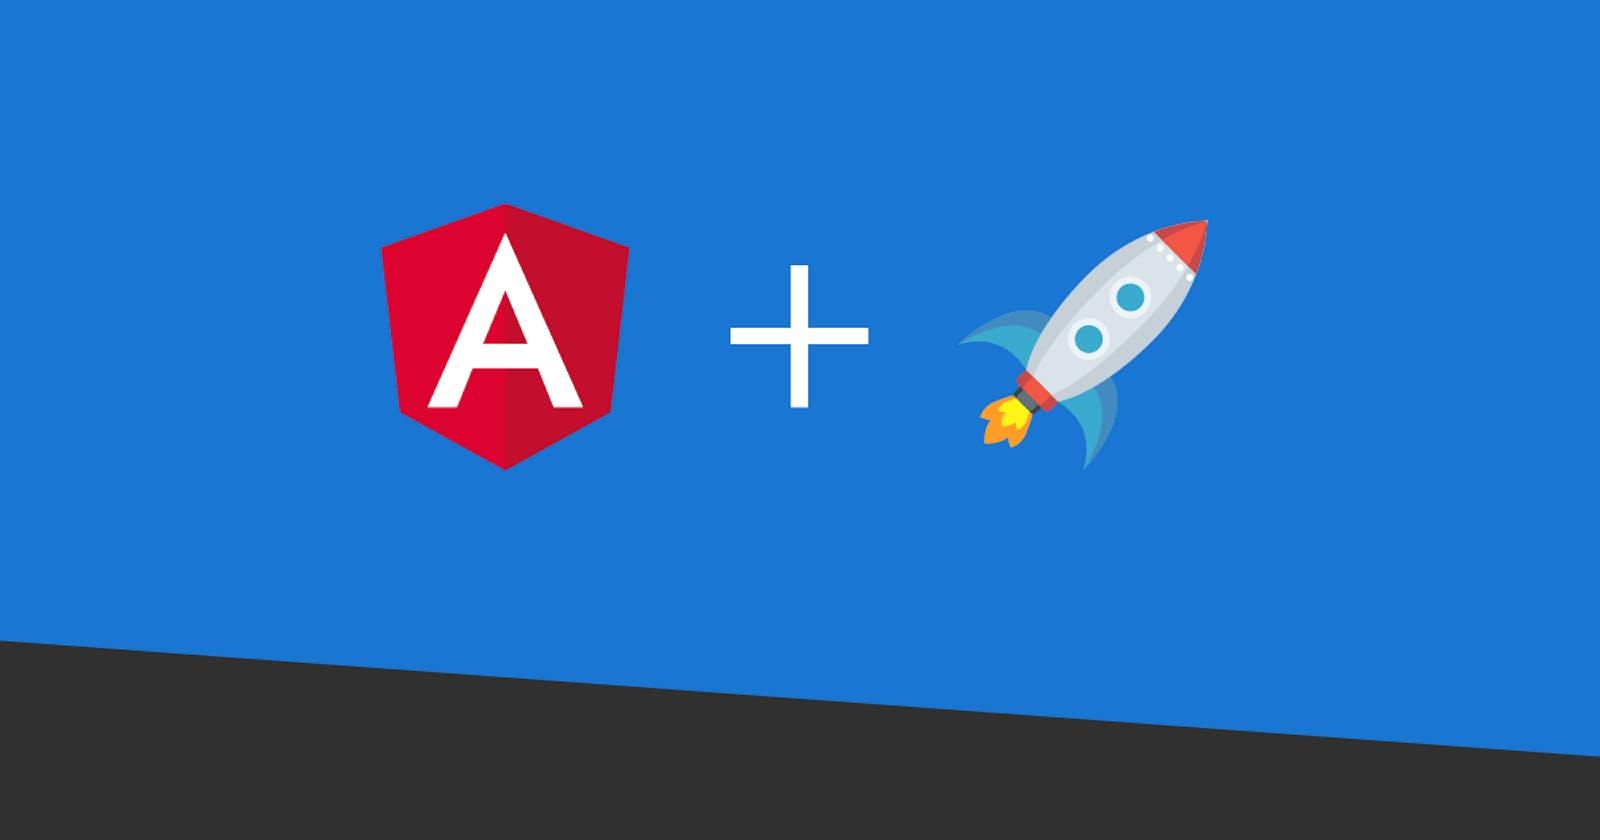 Angular: Preparing to Launch